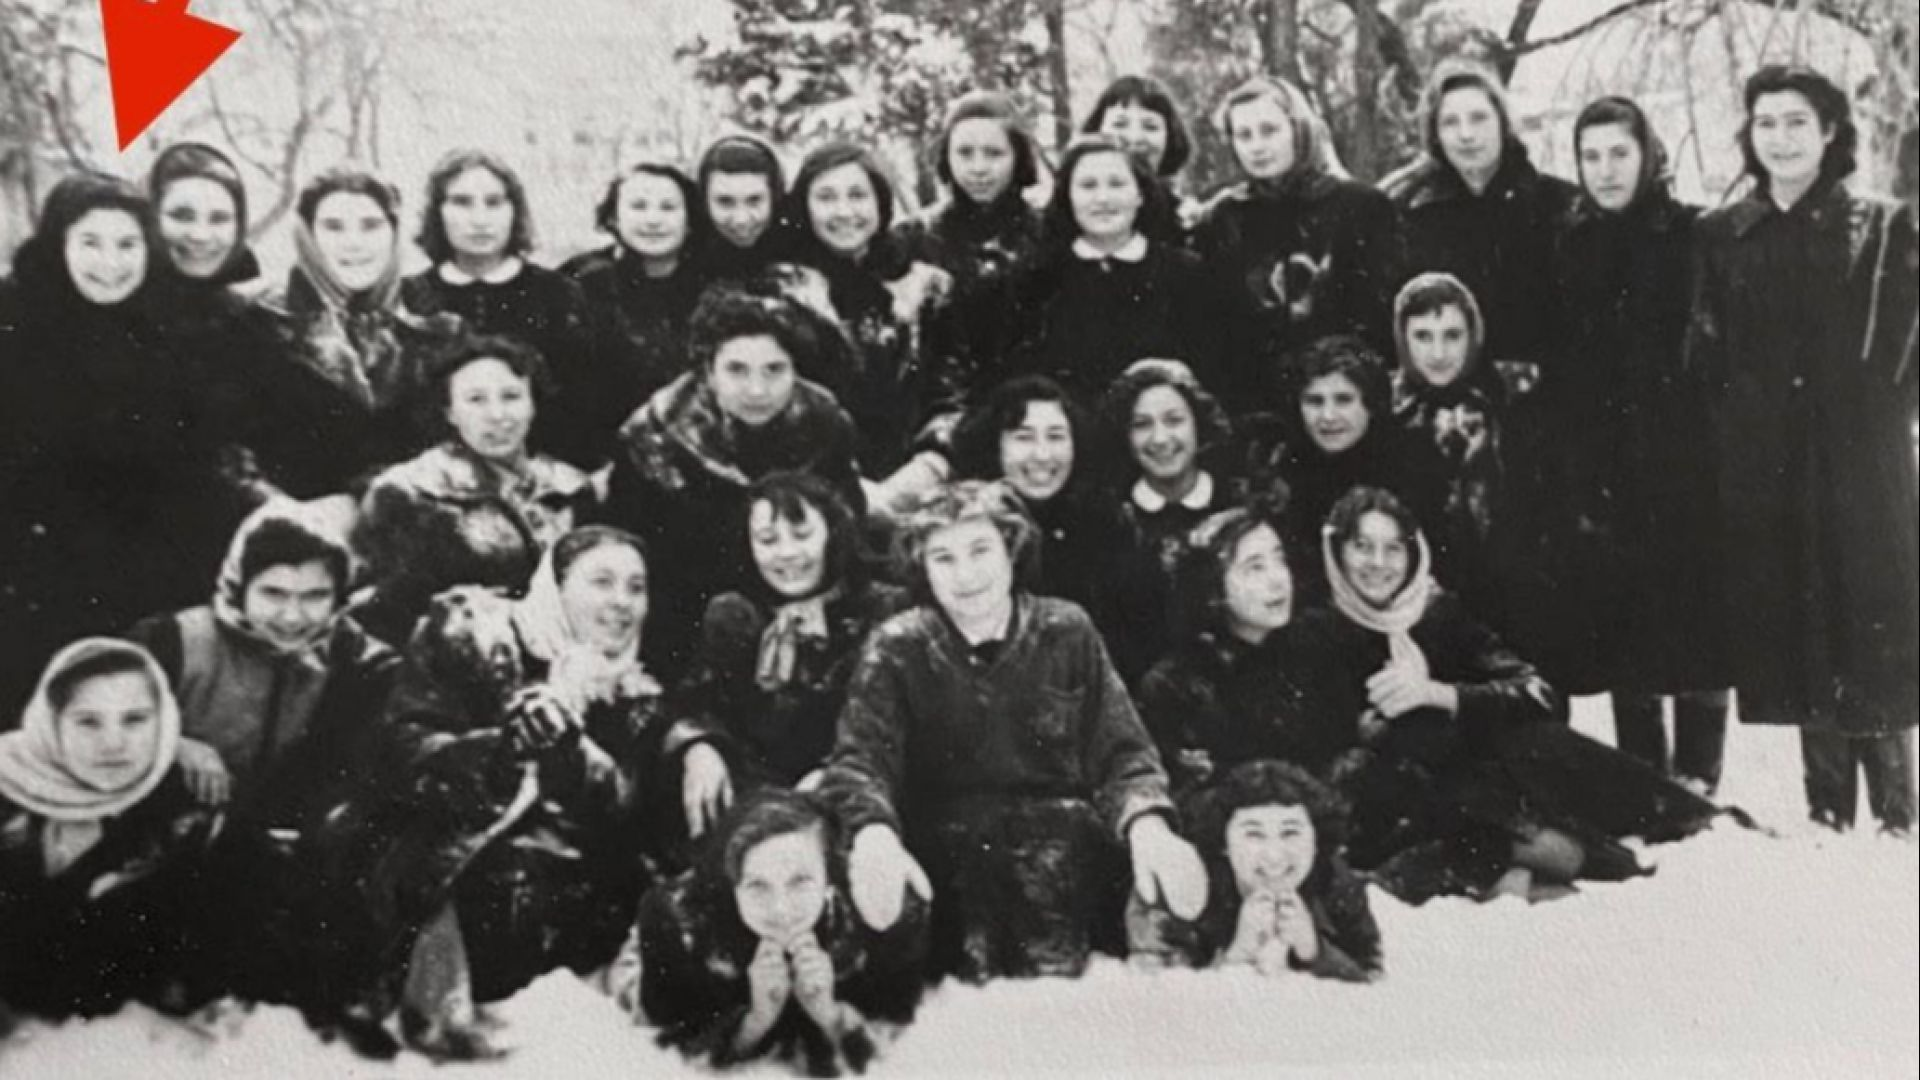 Лили Иванова (със стрелката) сред съкурсистите си от Медицинския техникум за медицински сестри и акушерки в един снежен ден в Морската градина на гр. Варна 1956-57 г.